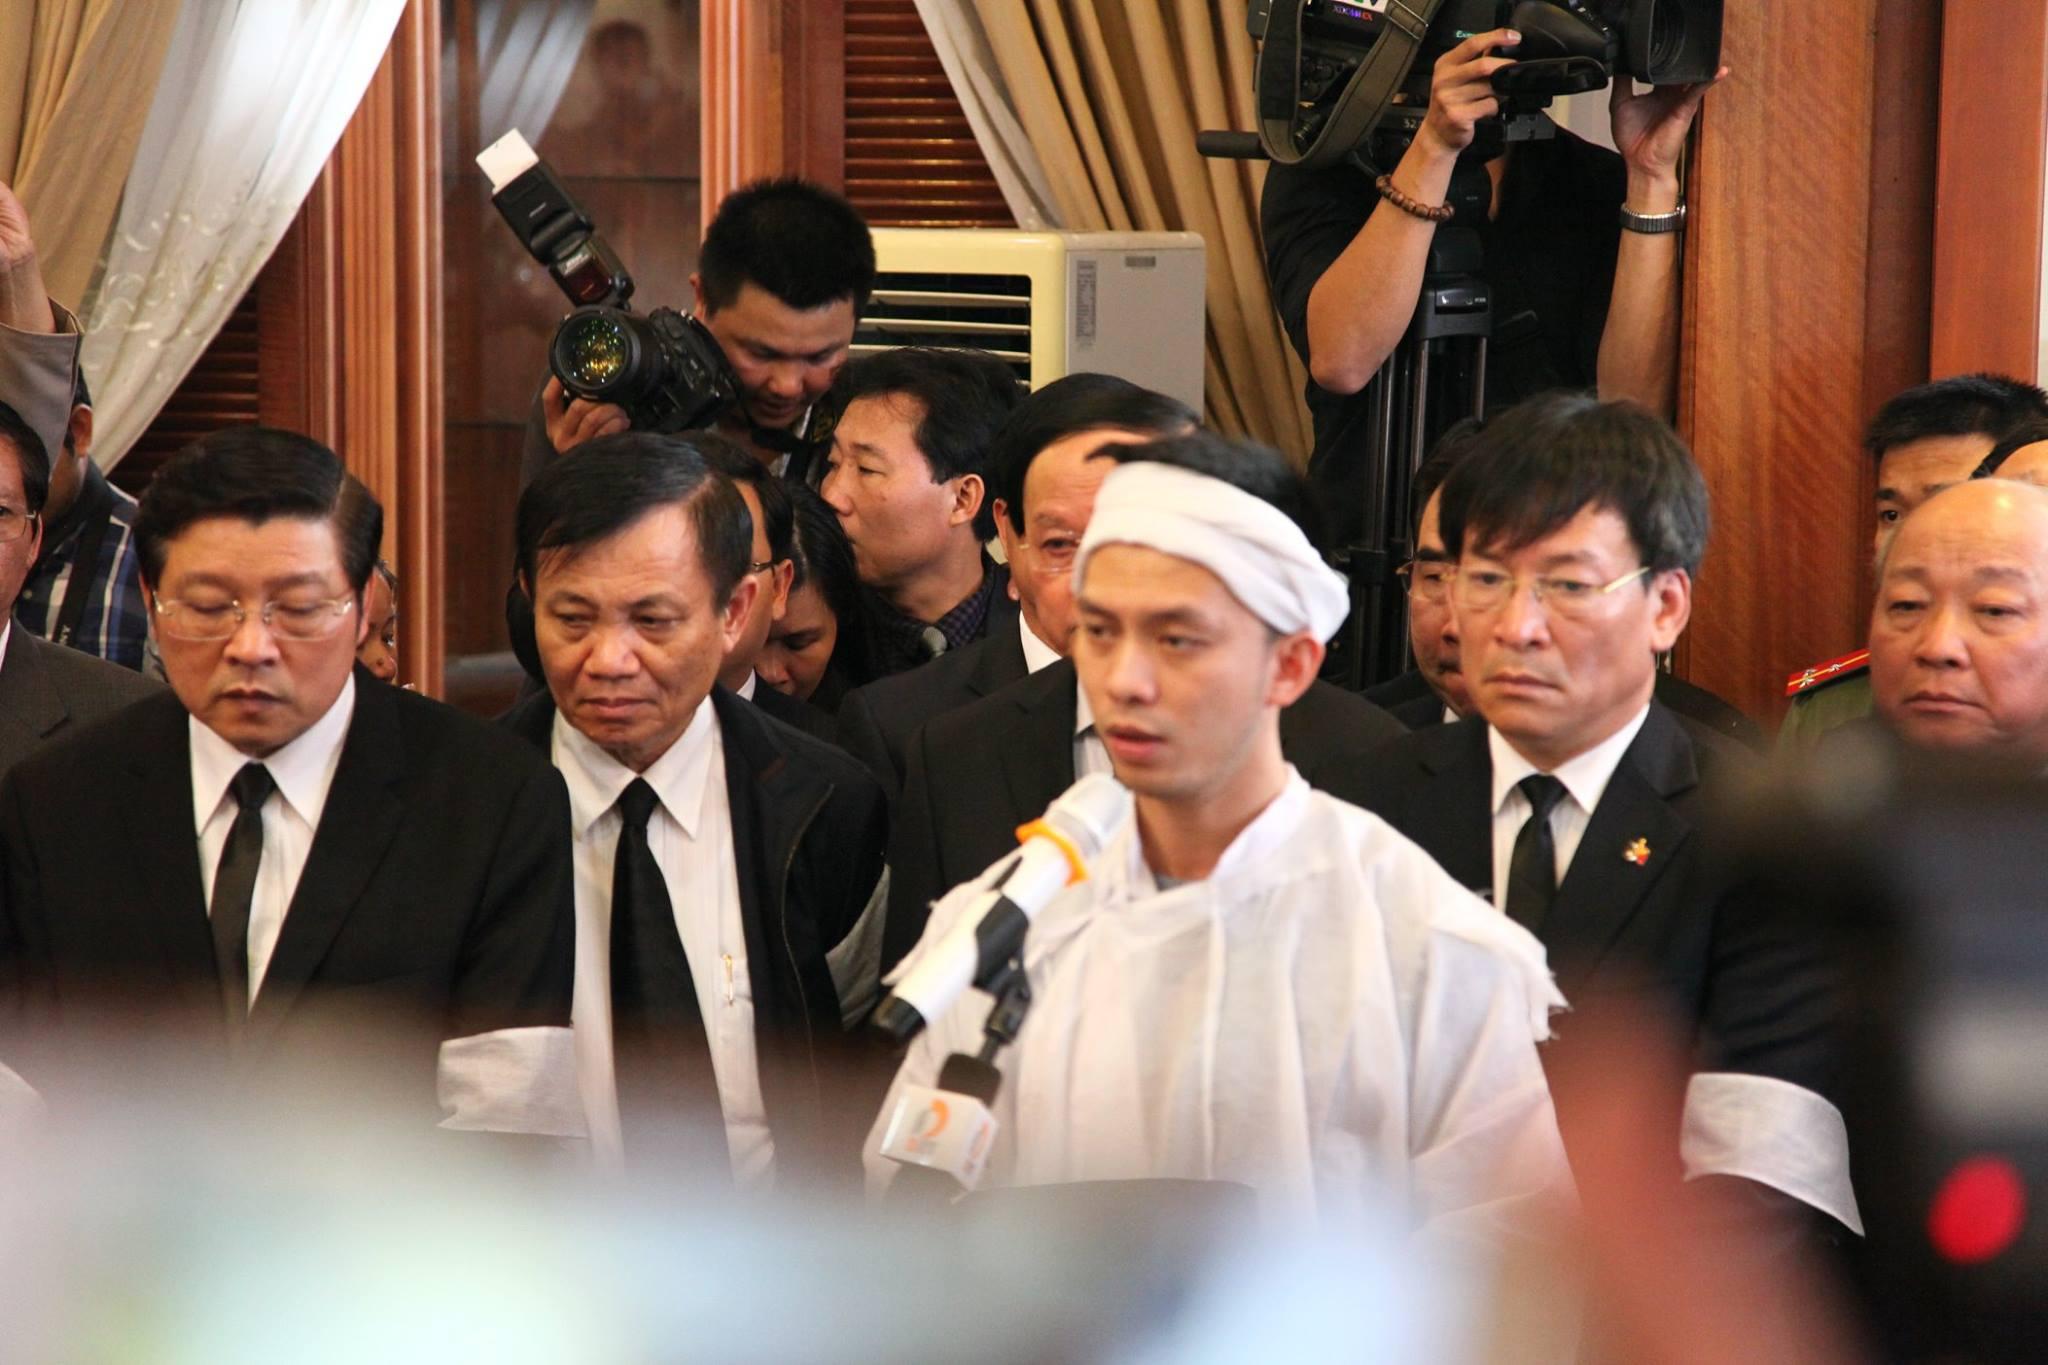 Con trai ông Nguyễn Bá Thanh nói lời cảm tạ trong lễ truy điệu